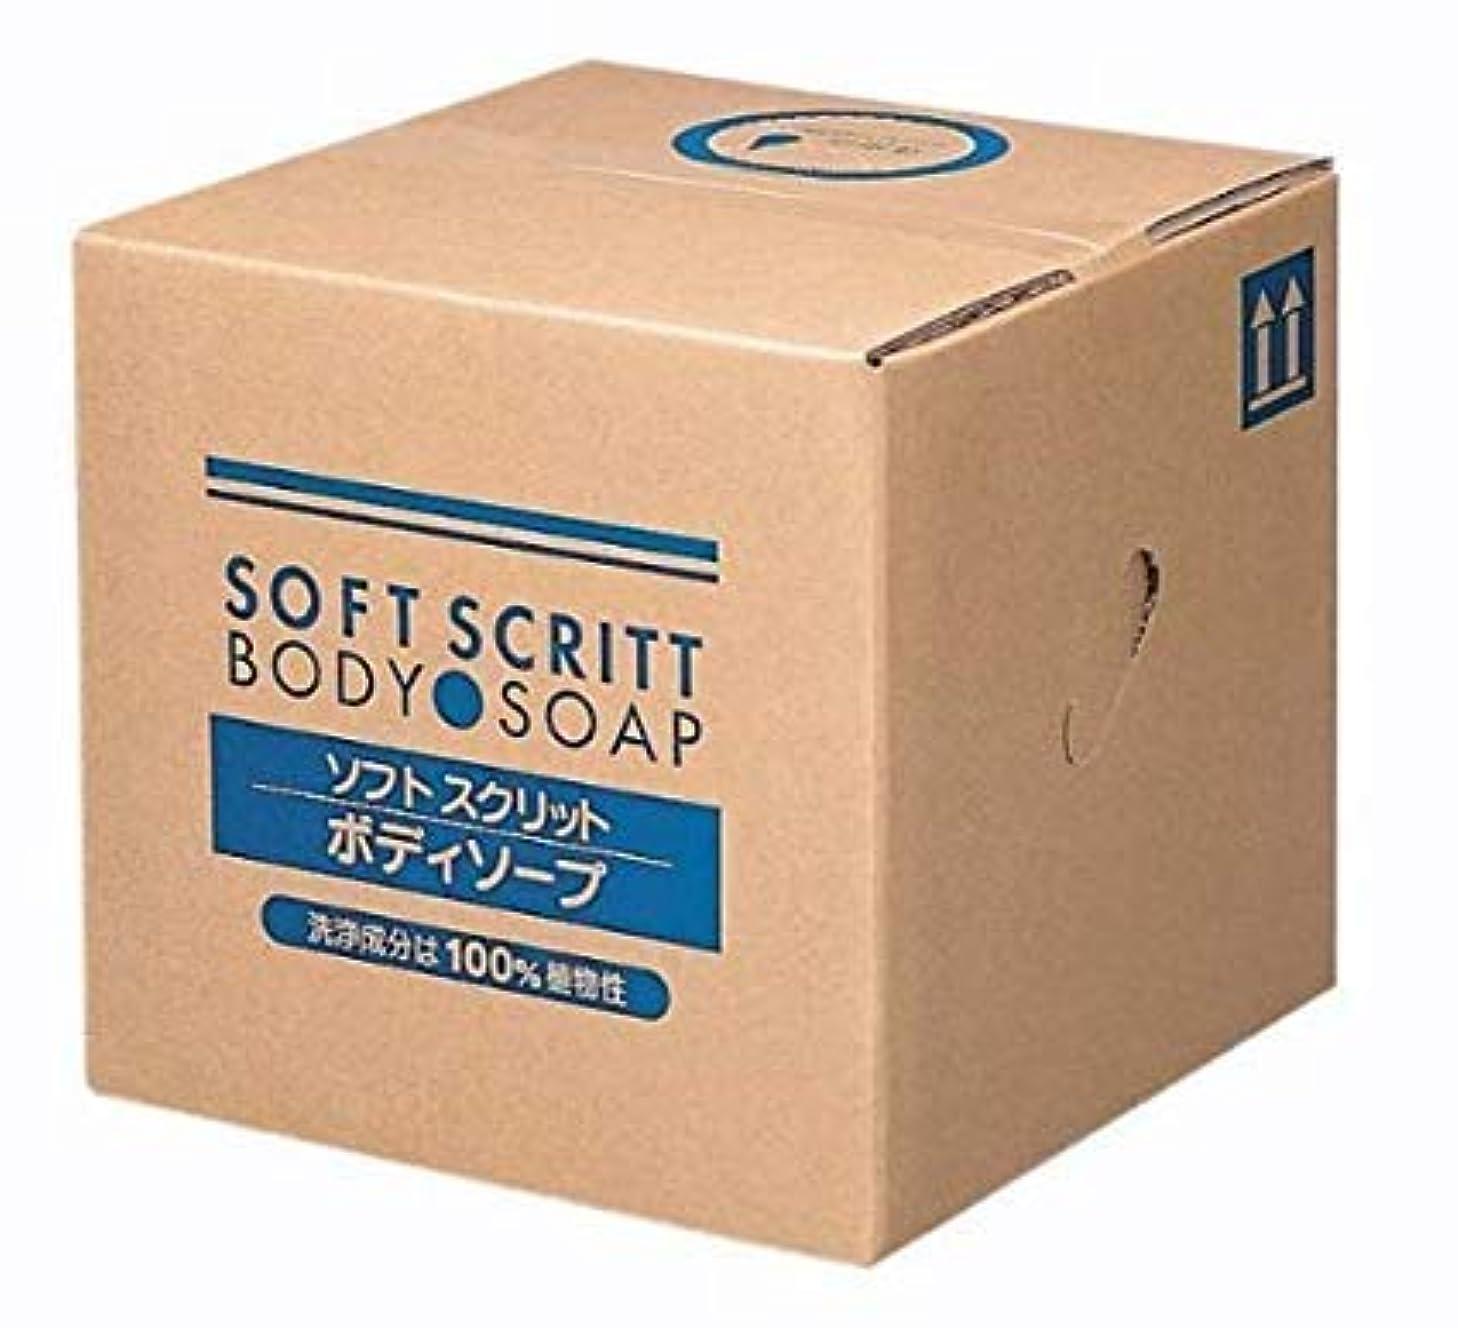 料理振り子降下業務用 SOFT SCRITT(ソフト スクリット) ボディソープ 18L 熊野油脂 (コック無し)